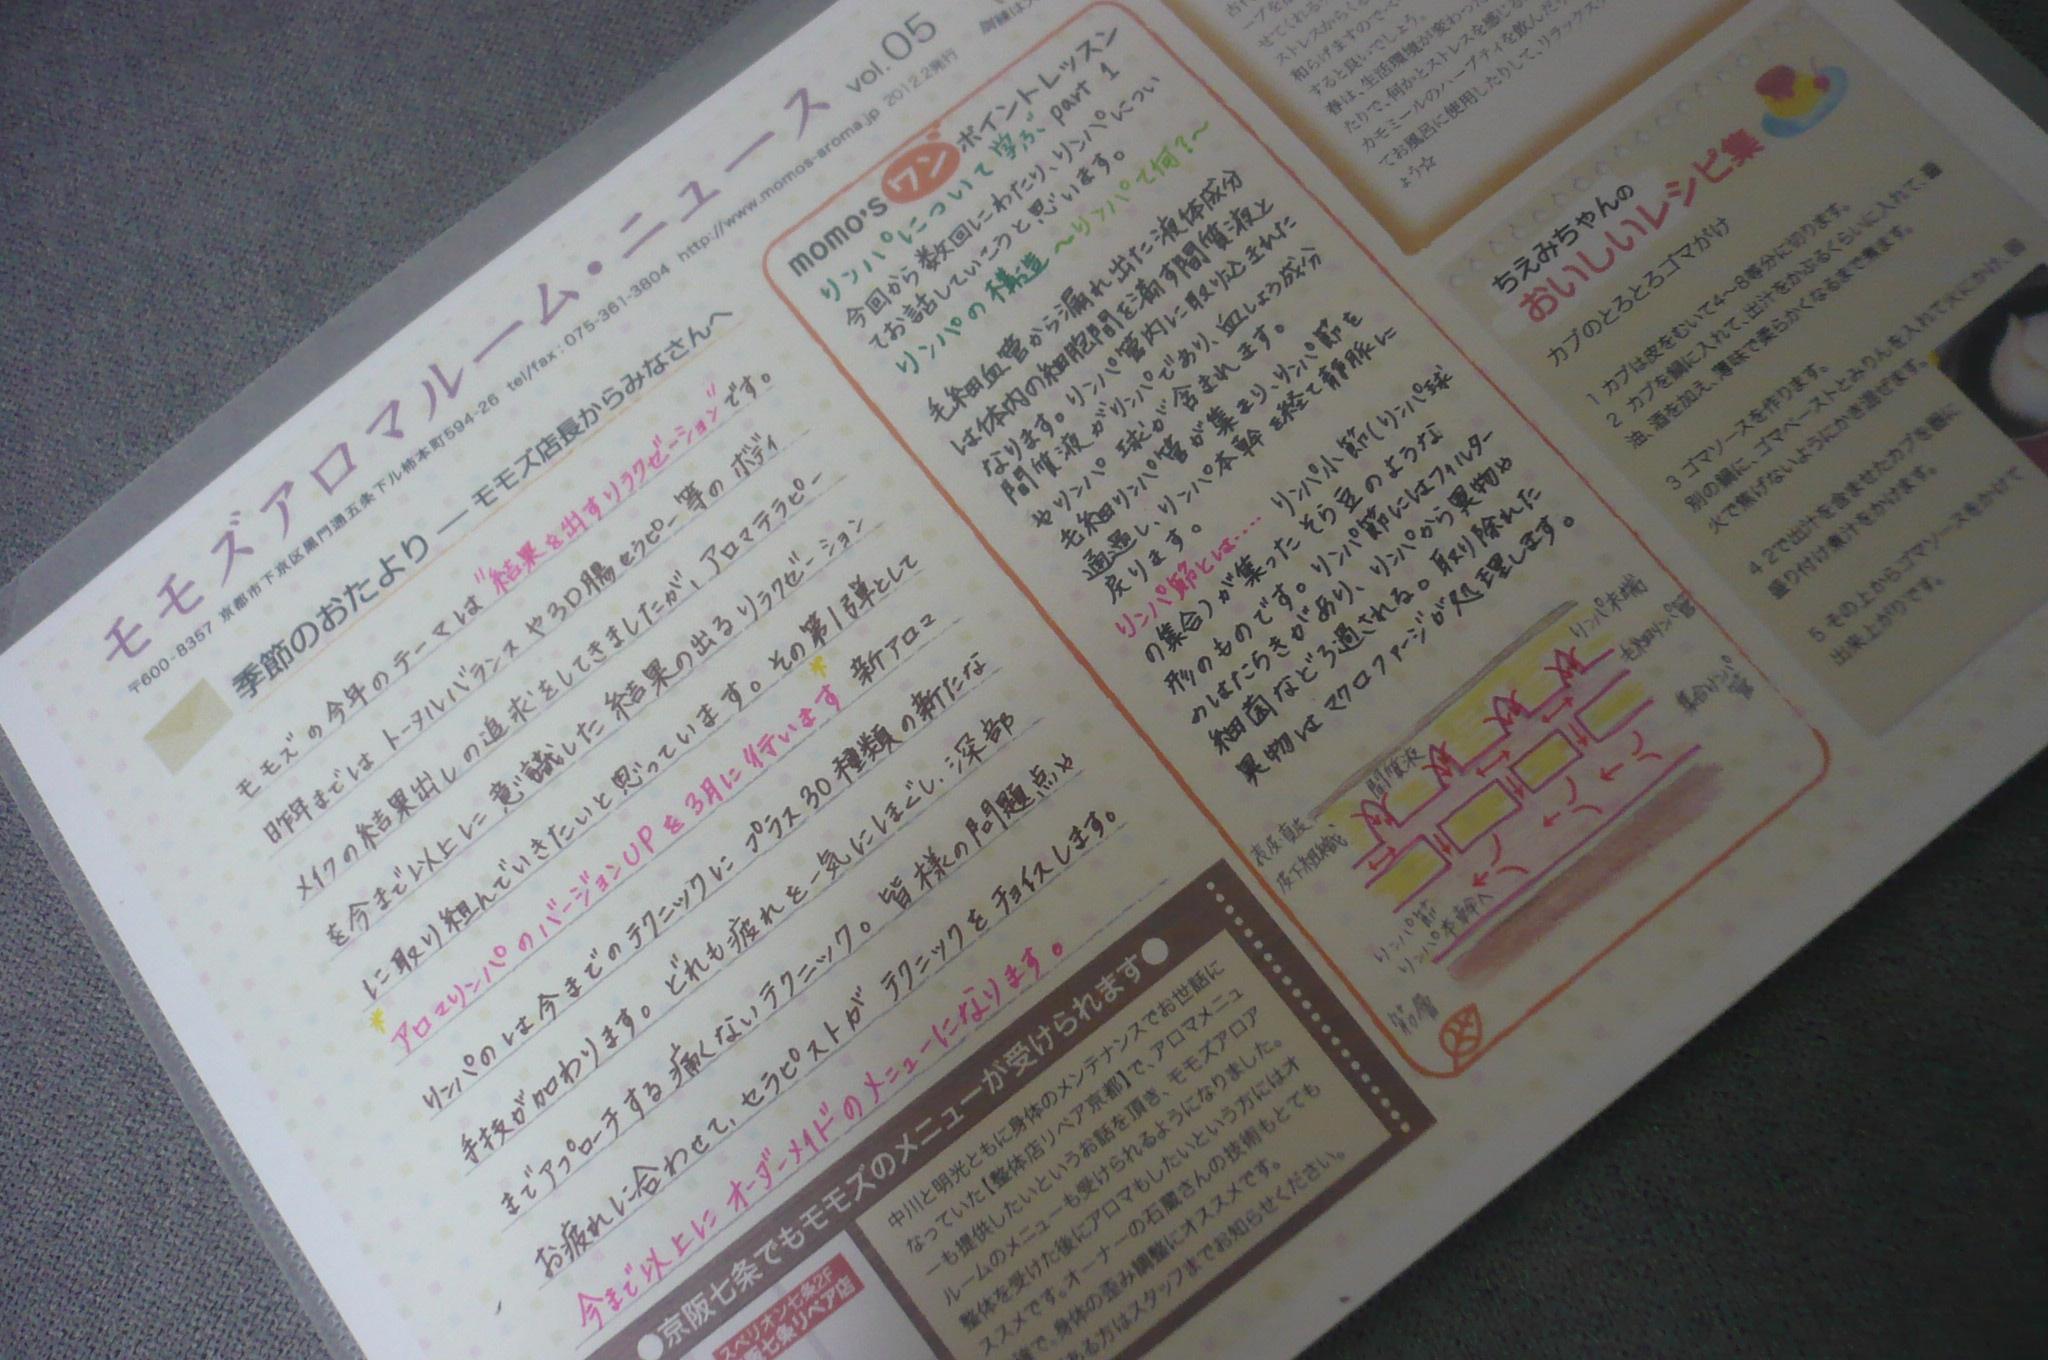 momo's Aroma room 京都のリンパマッサージ & 子連れで行けるアロマサロン-vol.5モモズニュース